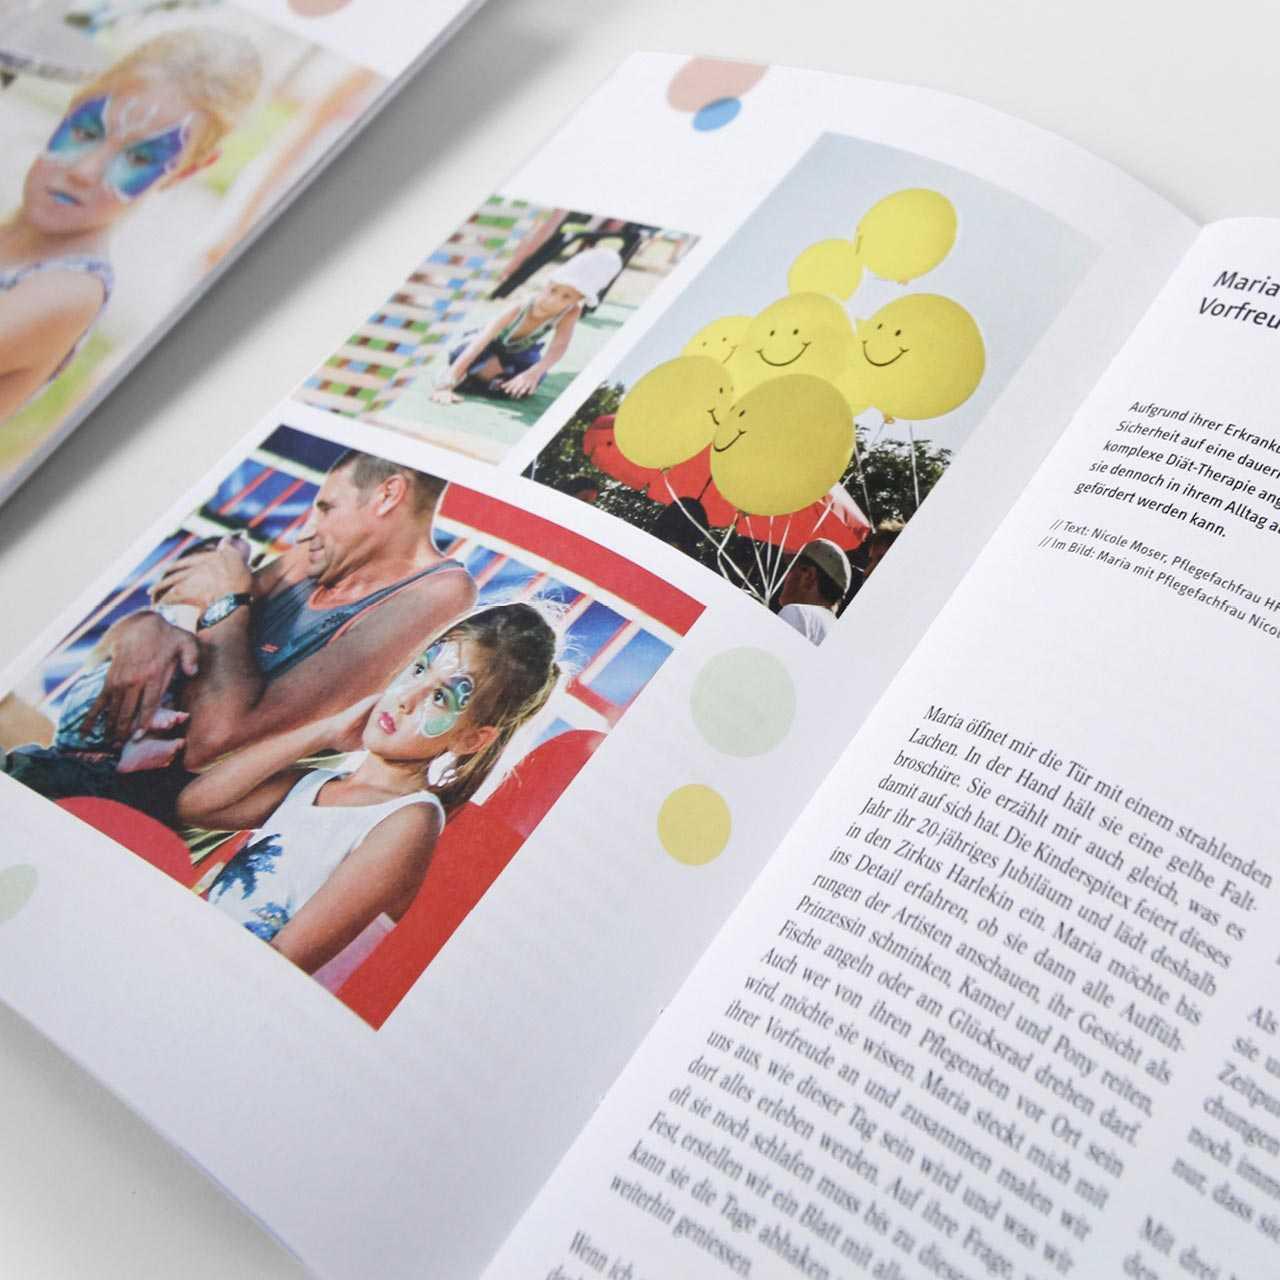 Kinderspitex Nordwestschweiz Jahresbericht 2016